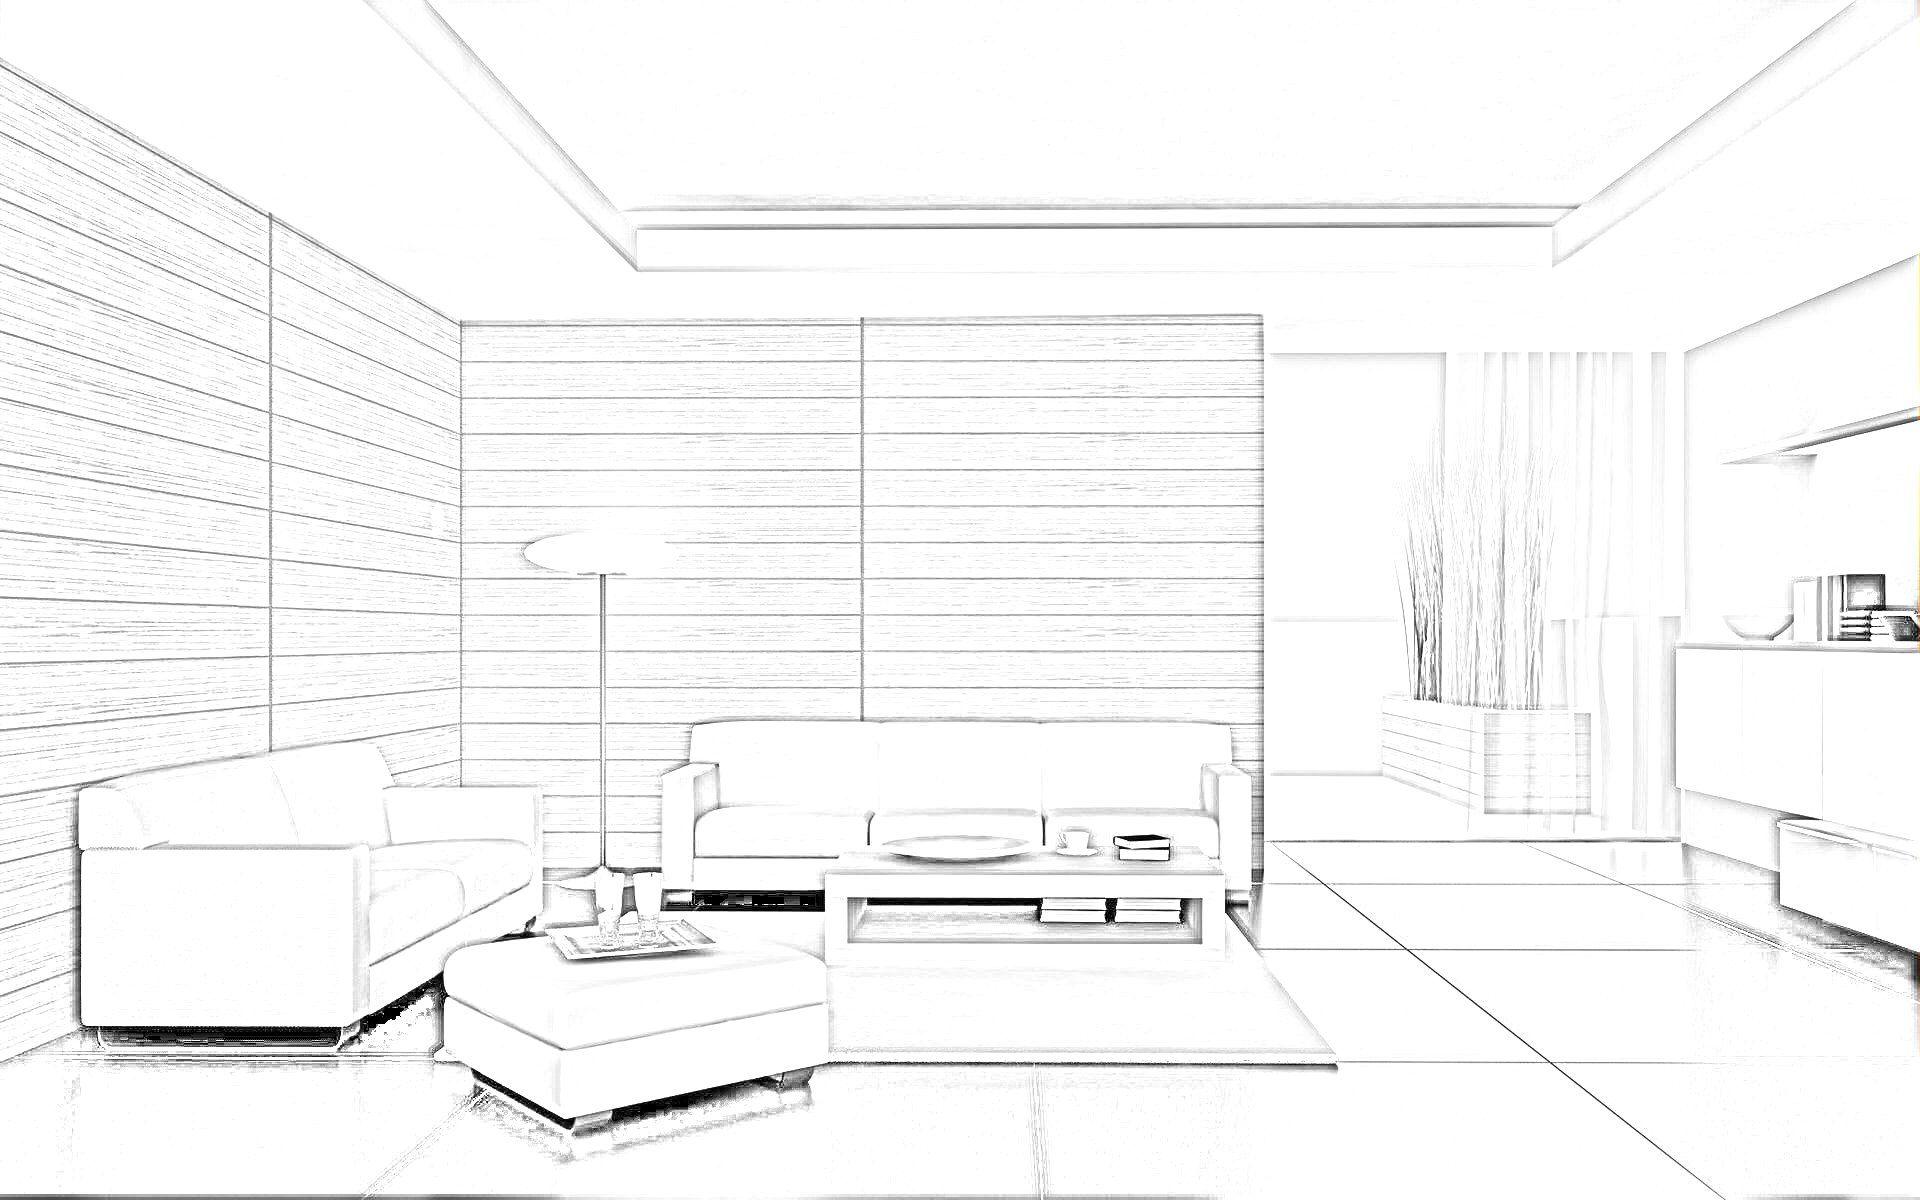 Simple Interior Design Sketches Valoblogi Com